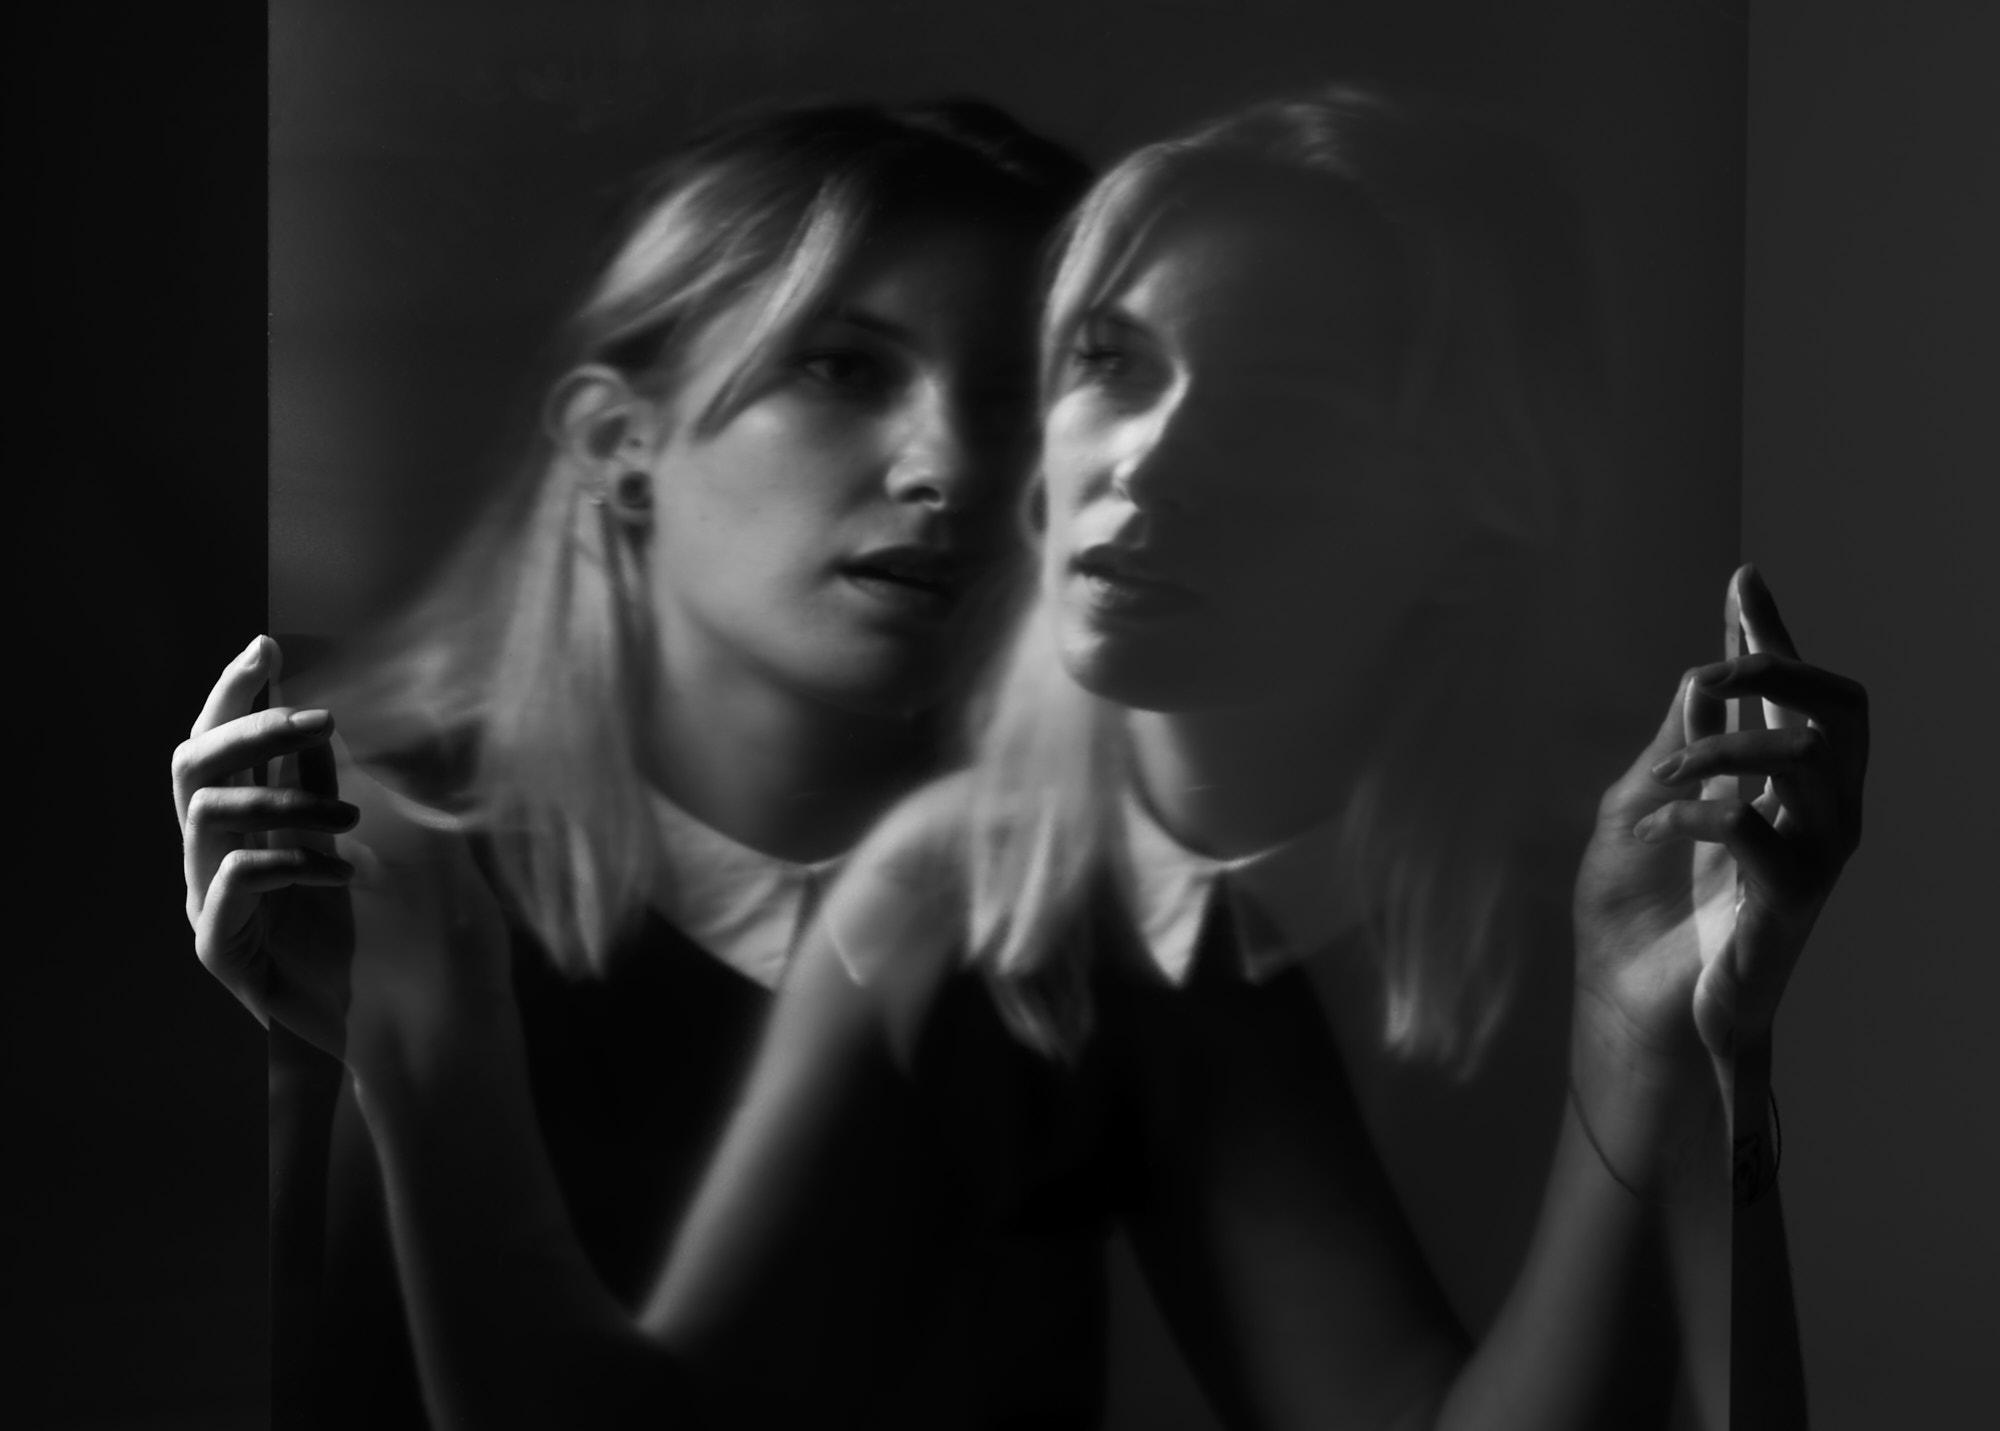 Portrait double noir et blanc, buste